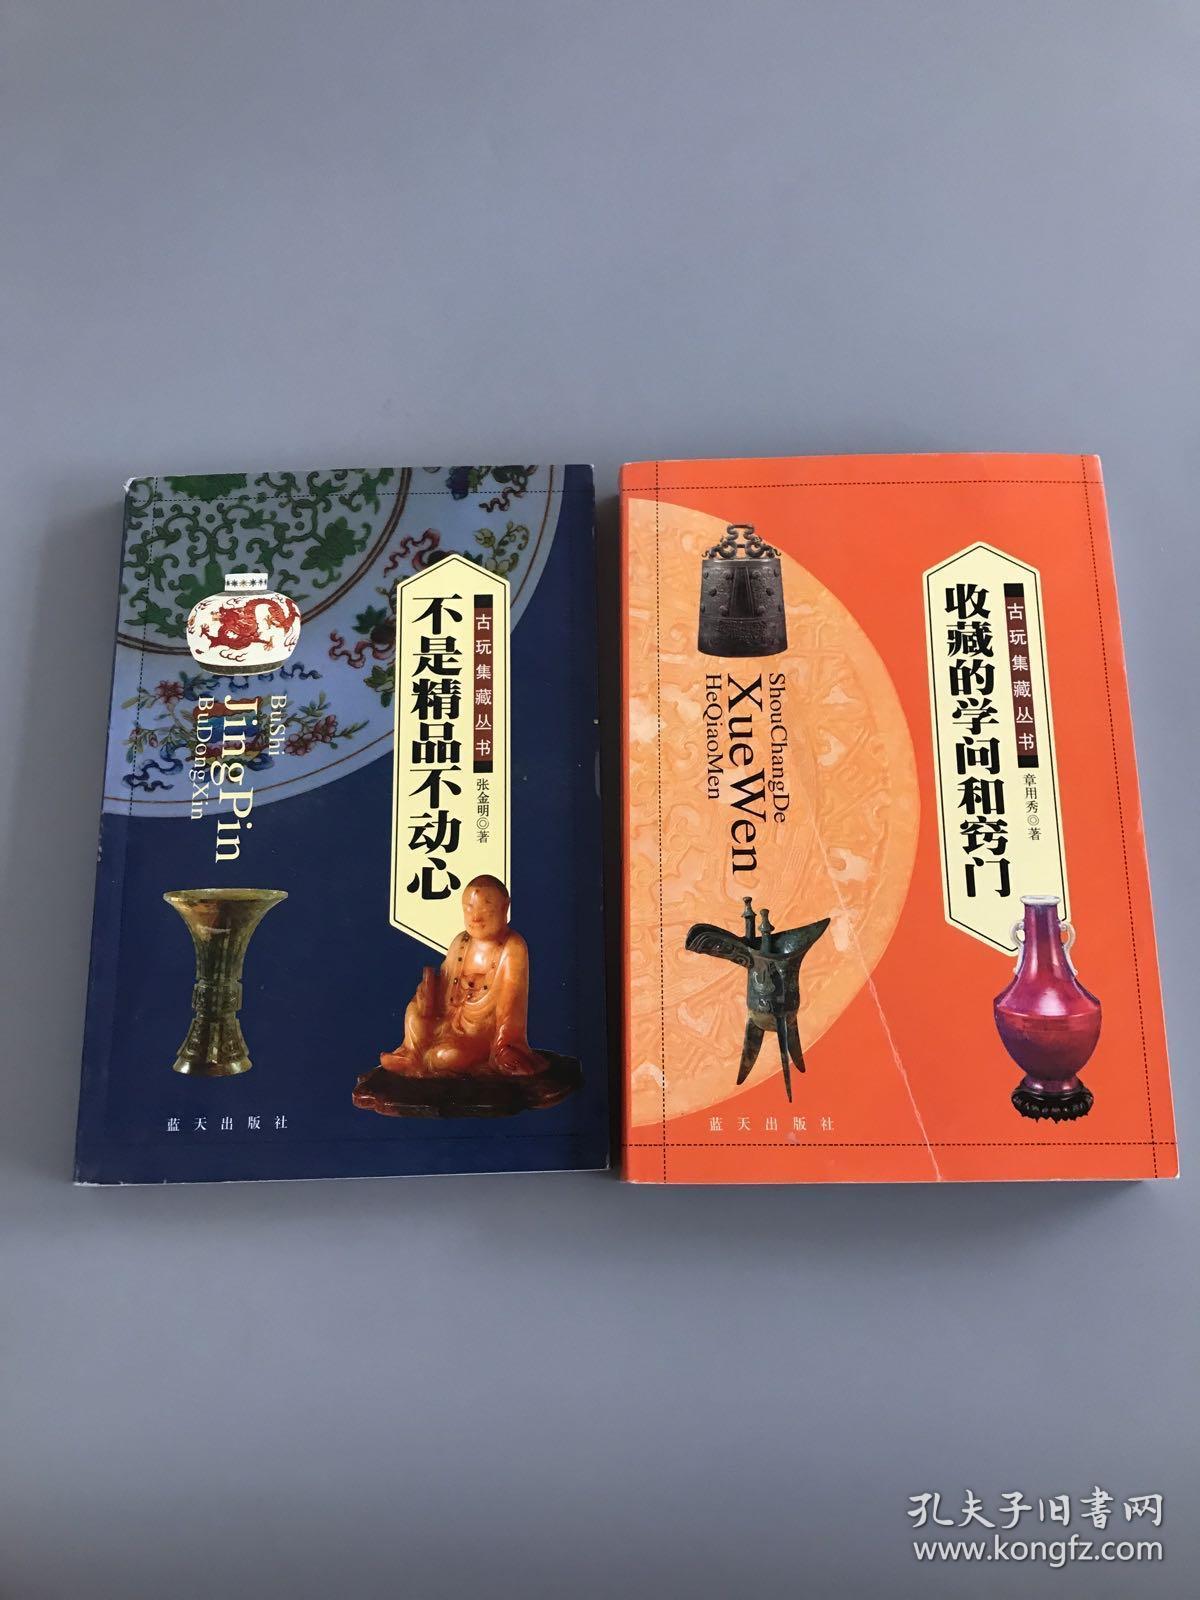 古玩集藏丛书:不是精品不动心、收藏的学问和窍门(两本合售)